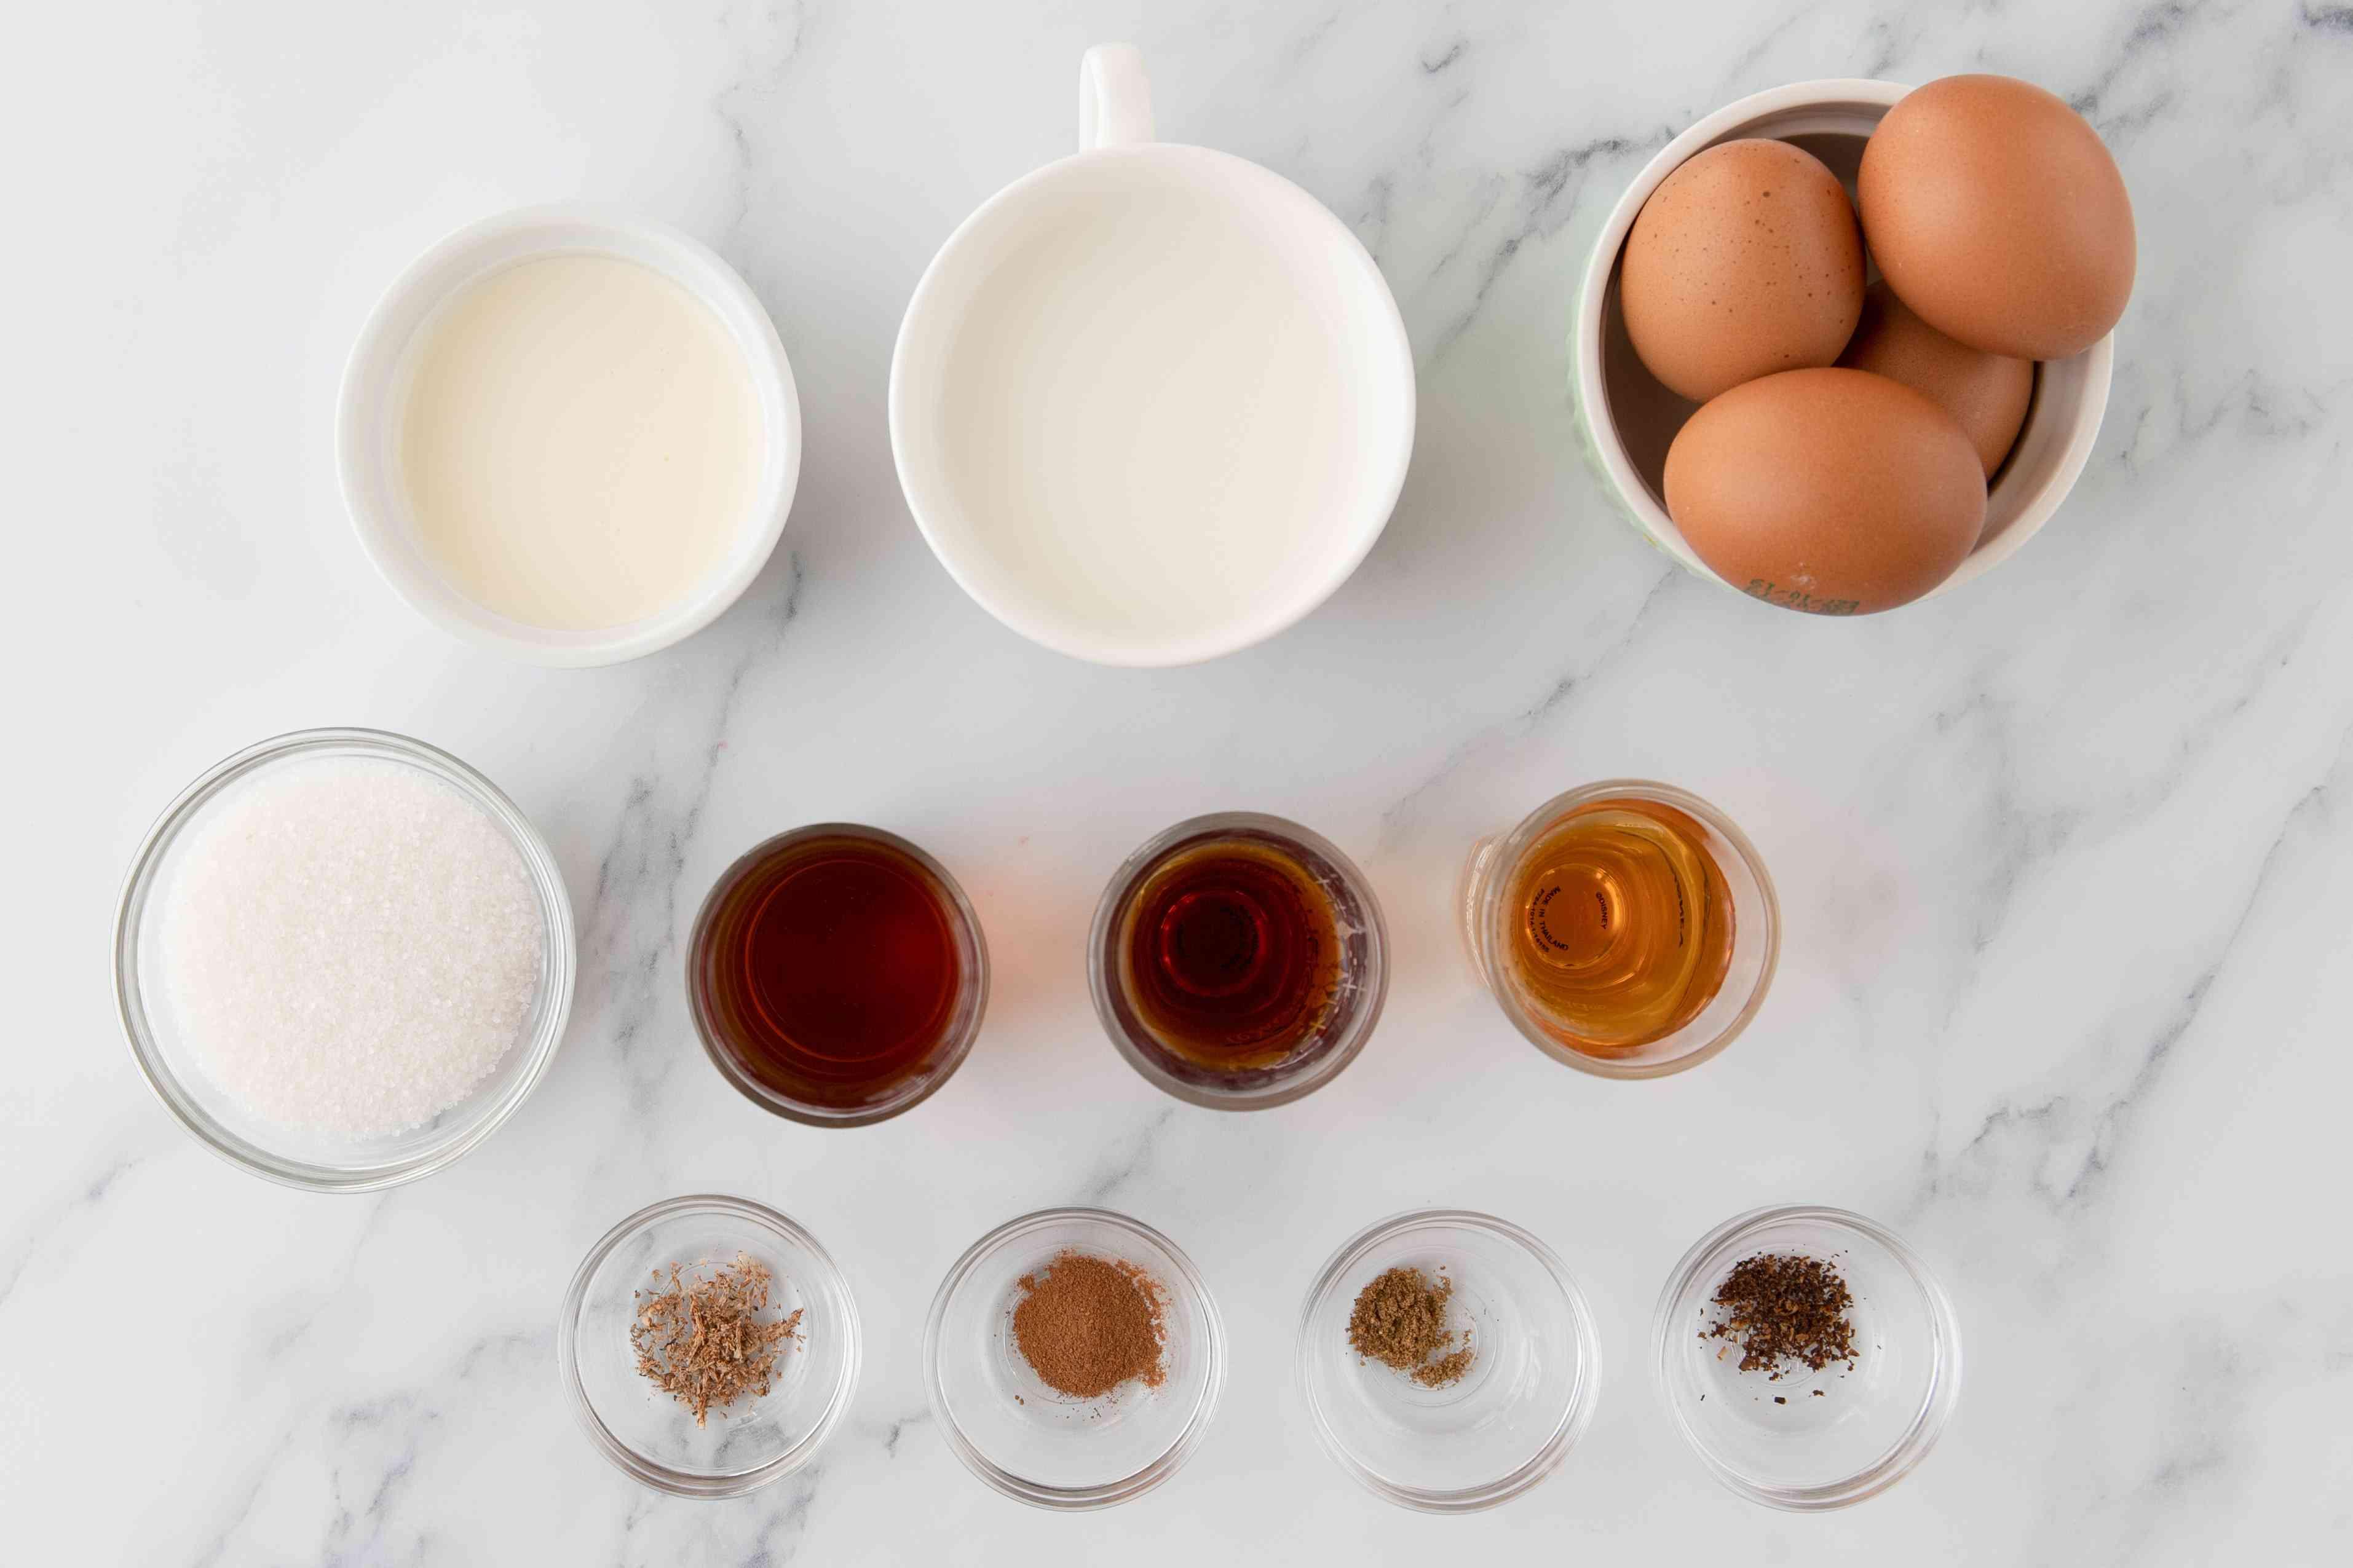 Ingredients for bourbon eggnog